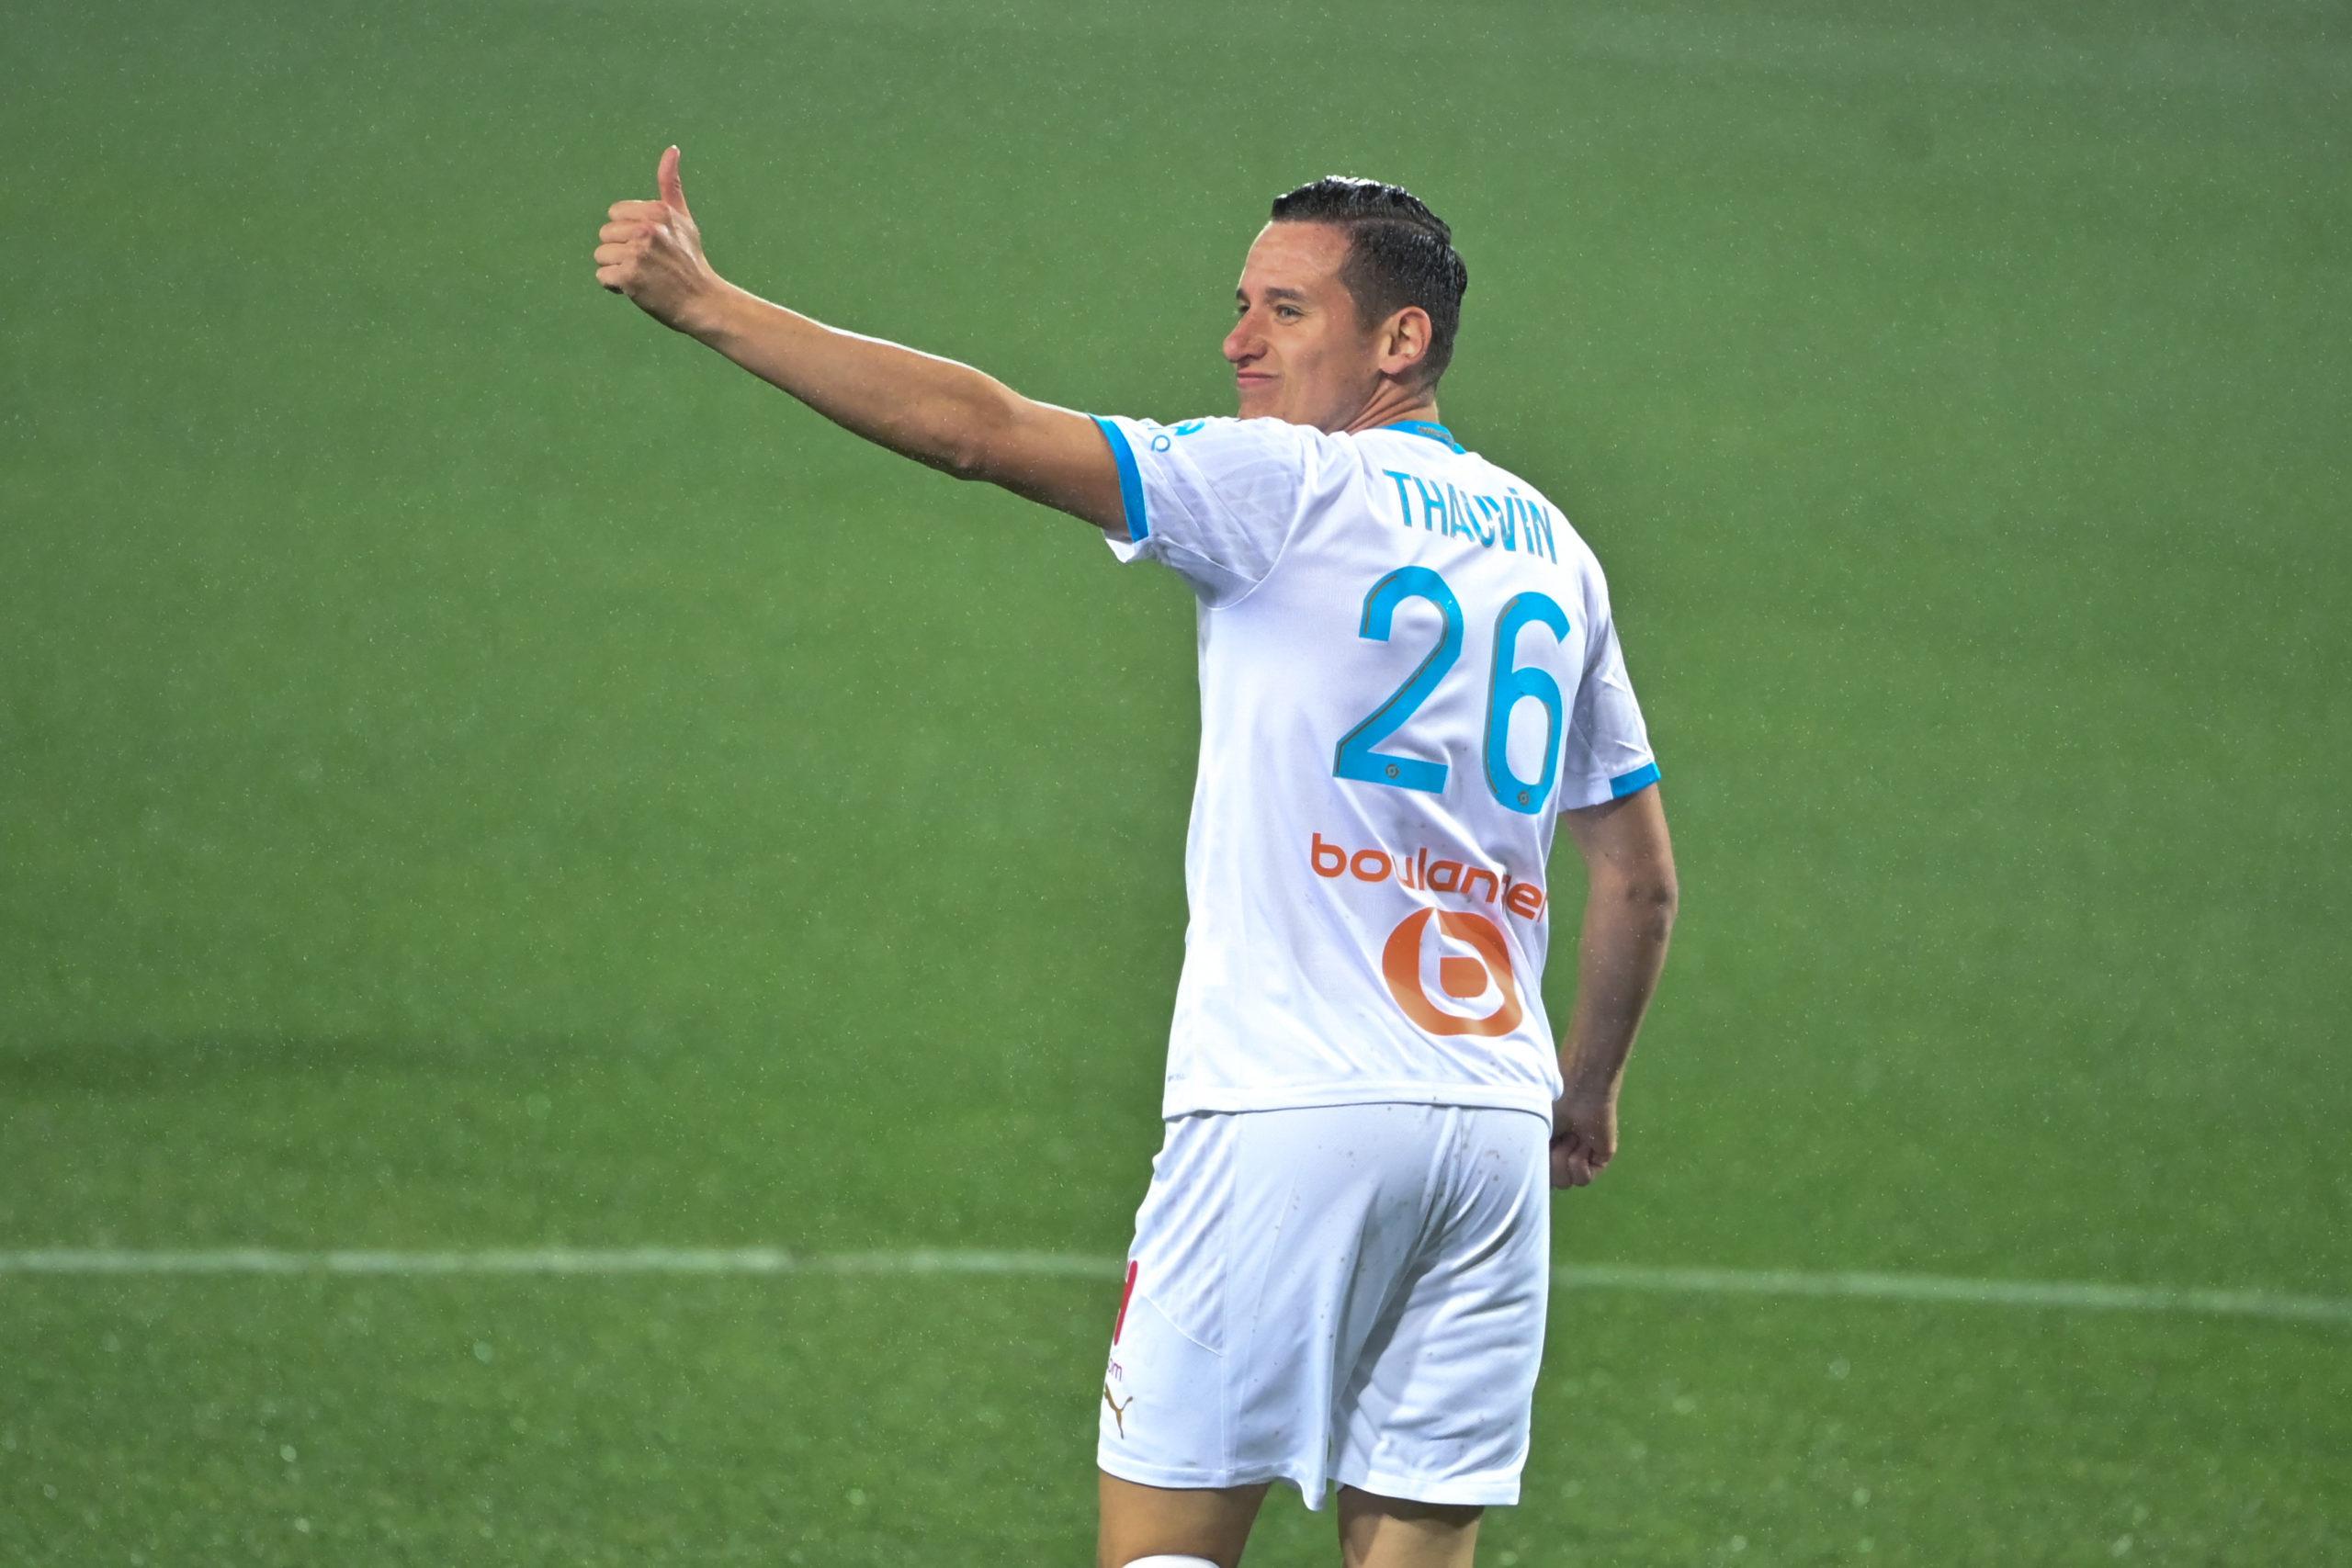 OM - Le FC Séville zappe à son tour Thauvin à cause de ses exigences